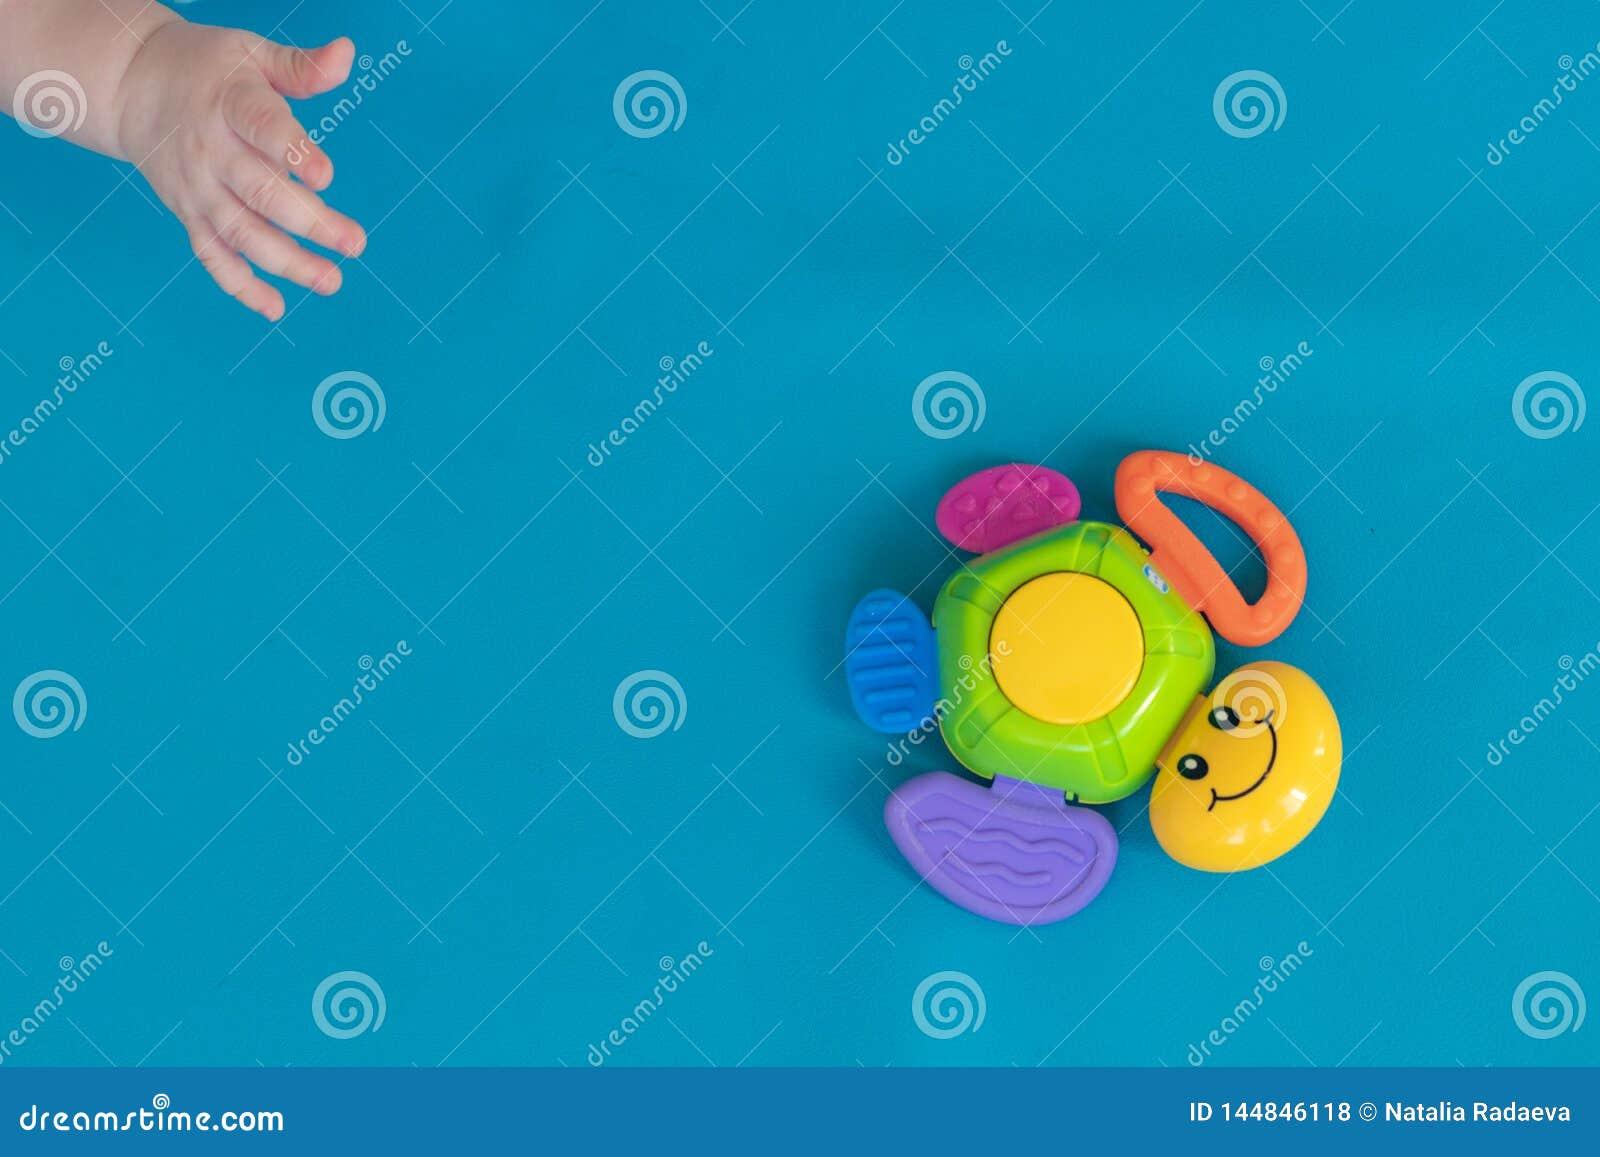 孩子的手为一只多彩多姿的玩具乌龟到达,盘旋反对蓝色背景 ?? r